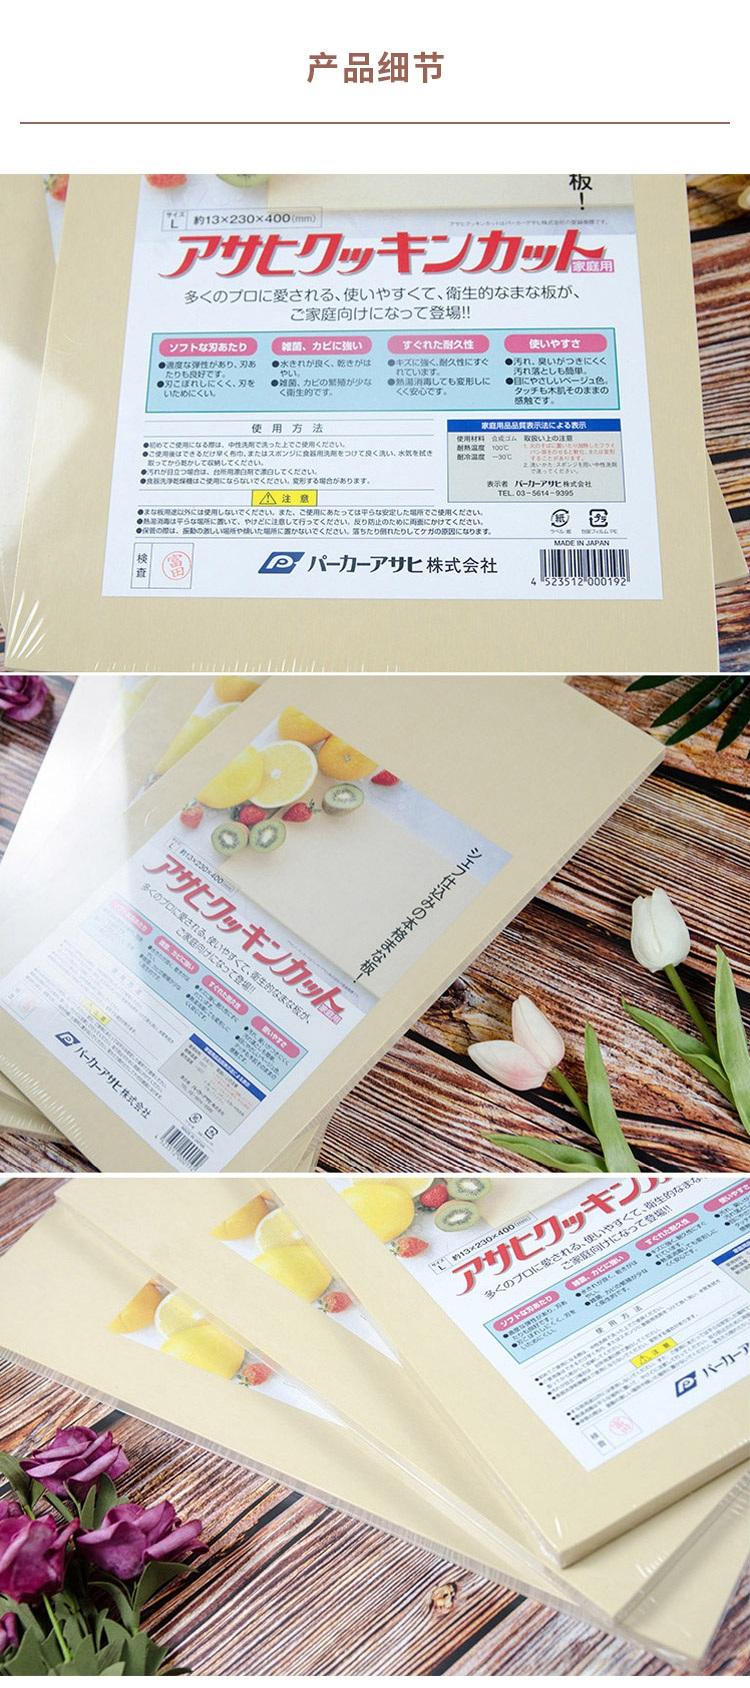 日本进口 朝日(asahi)耐用切菜板家用厨房砧板 宝宝辅食制作推荐使用(42*25*1.4cm)